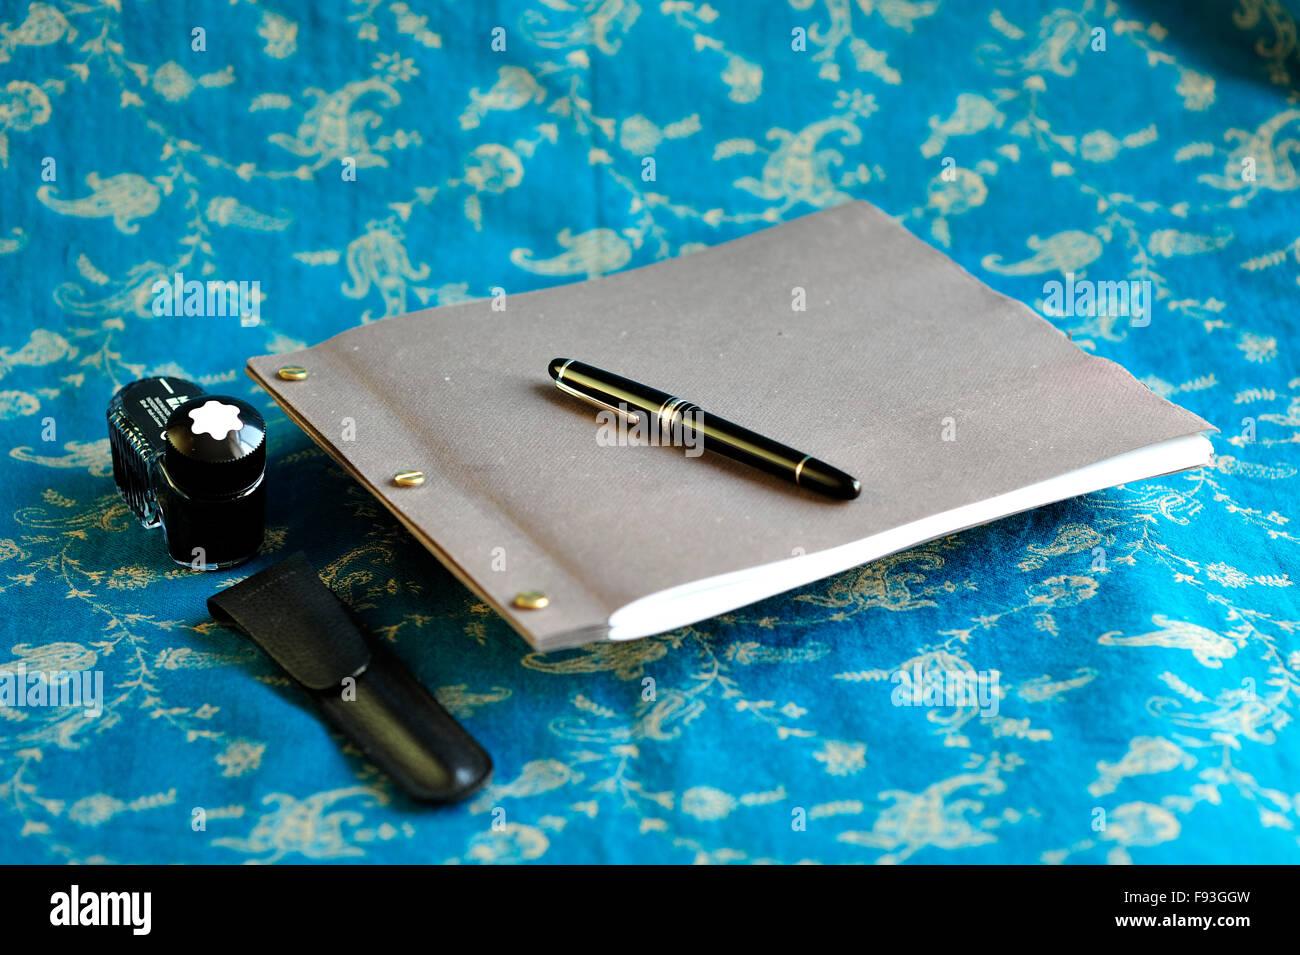 Handgefertigte, stilvolle Zeitschrift. Hand gefertigt, texturierte Papierqualität. Trendige Hipster Geschenk. Hautnah. Stockfoto